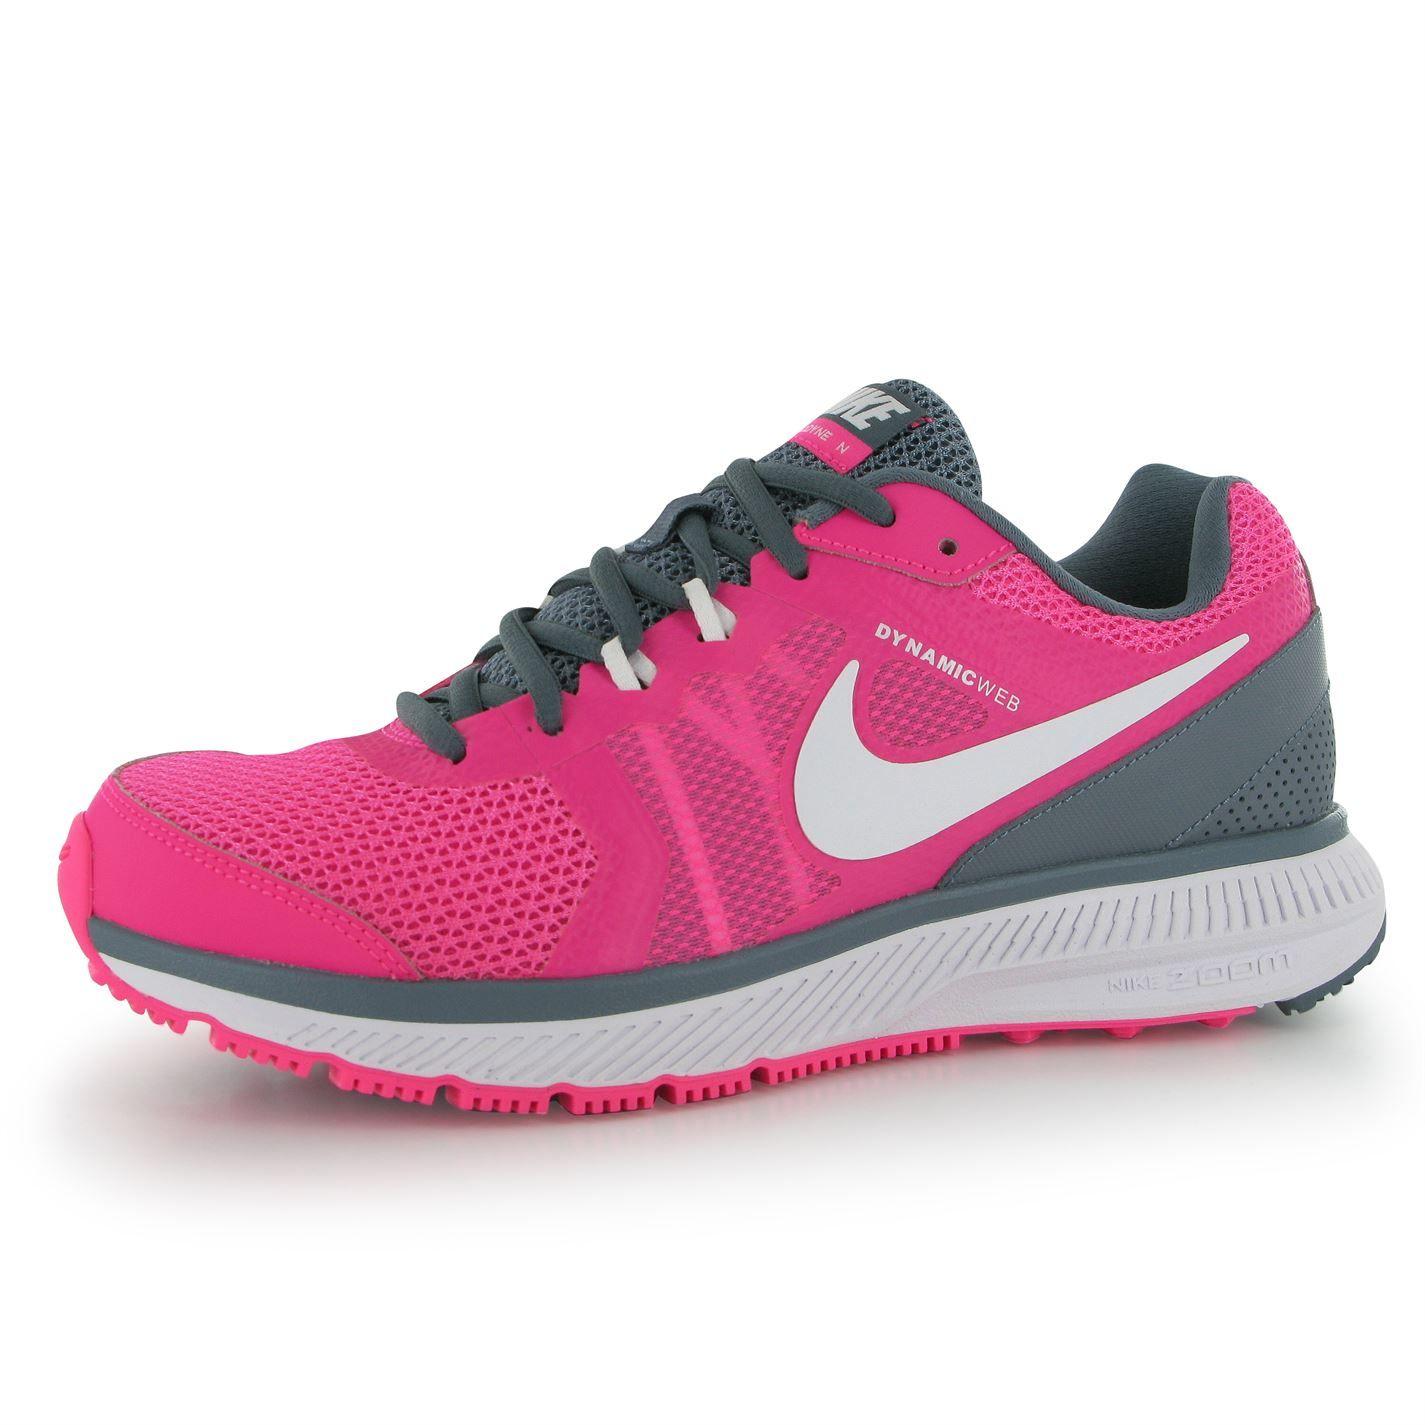 Nike Zoom Windflow Ladies Running Shoes >> Now £62.99